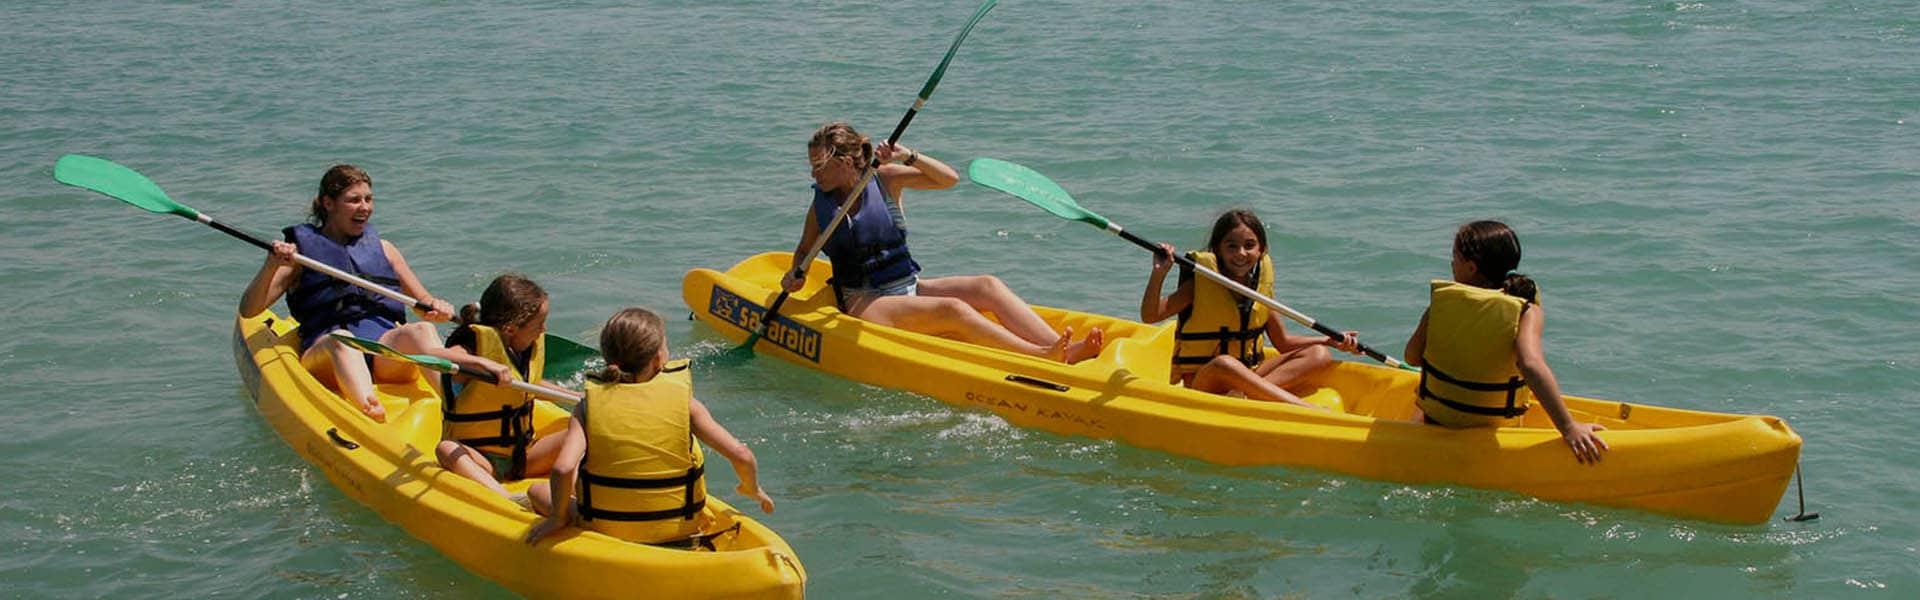 Alquiler de Kayaks o Piraguas